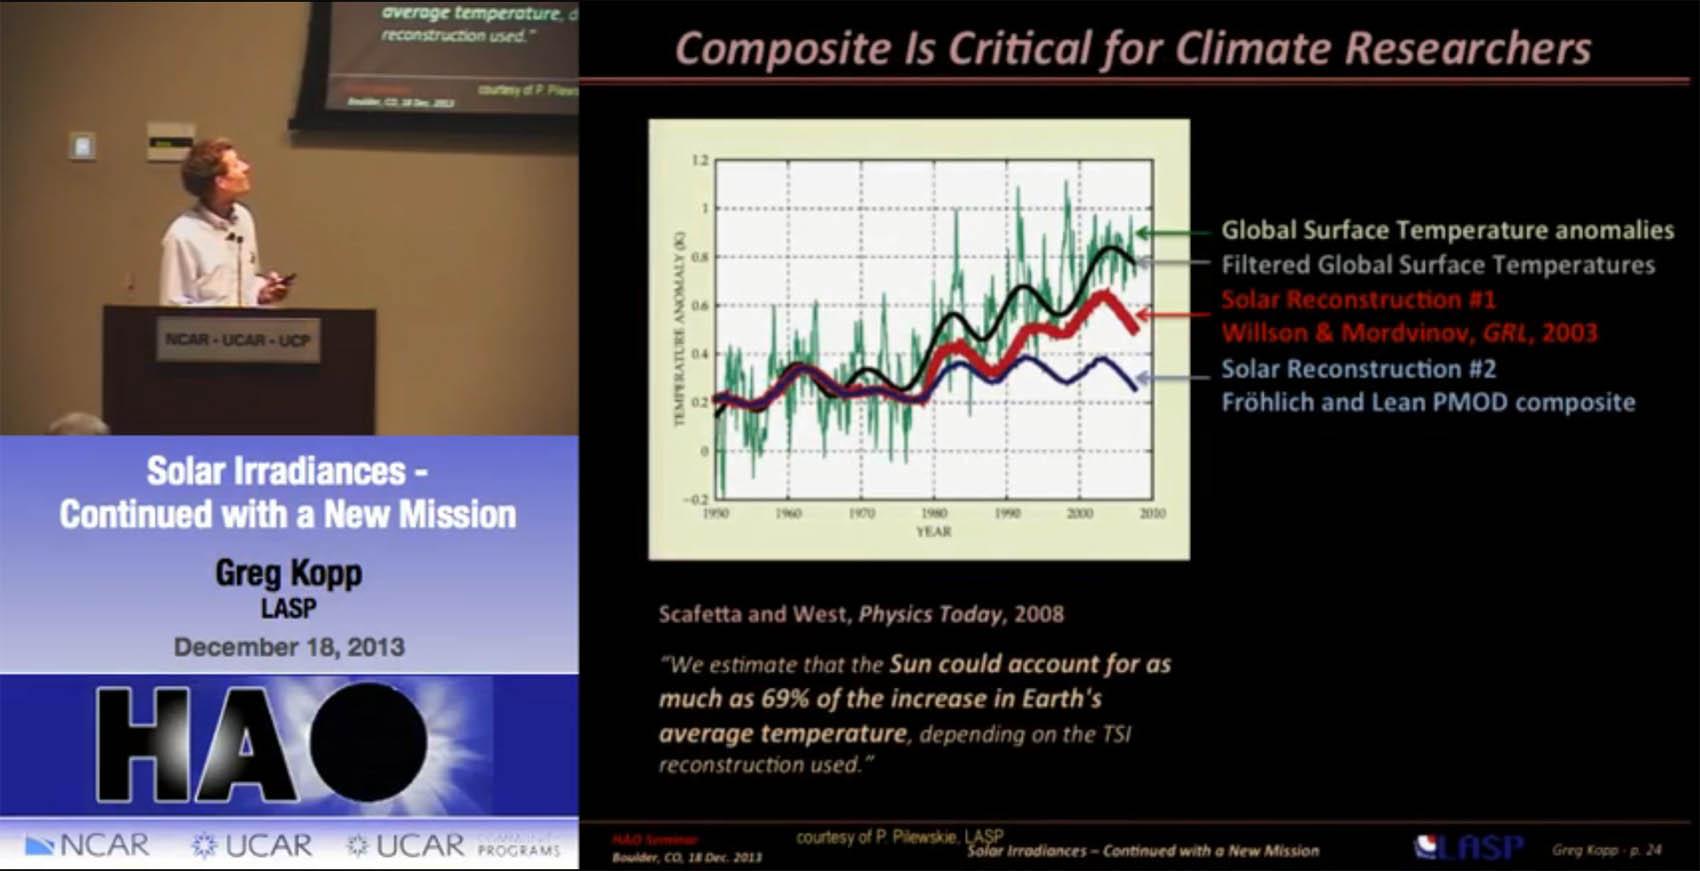 Figuur 13: LISIRD auteur Greg Kopp beschrijft de controverse onder TSI experts over invloed van de zon op klimaatverandering.